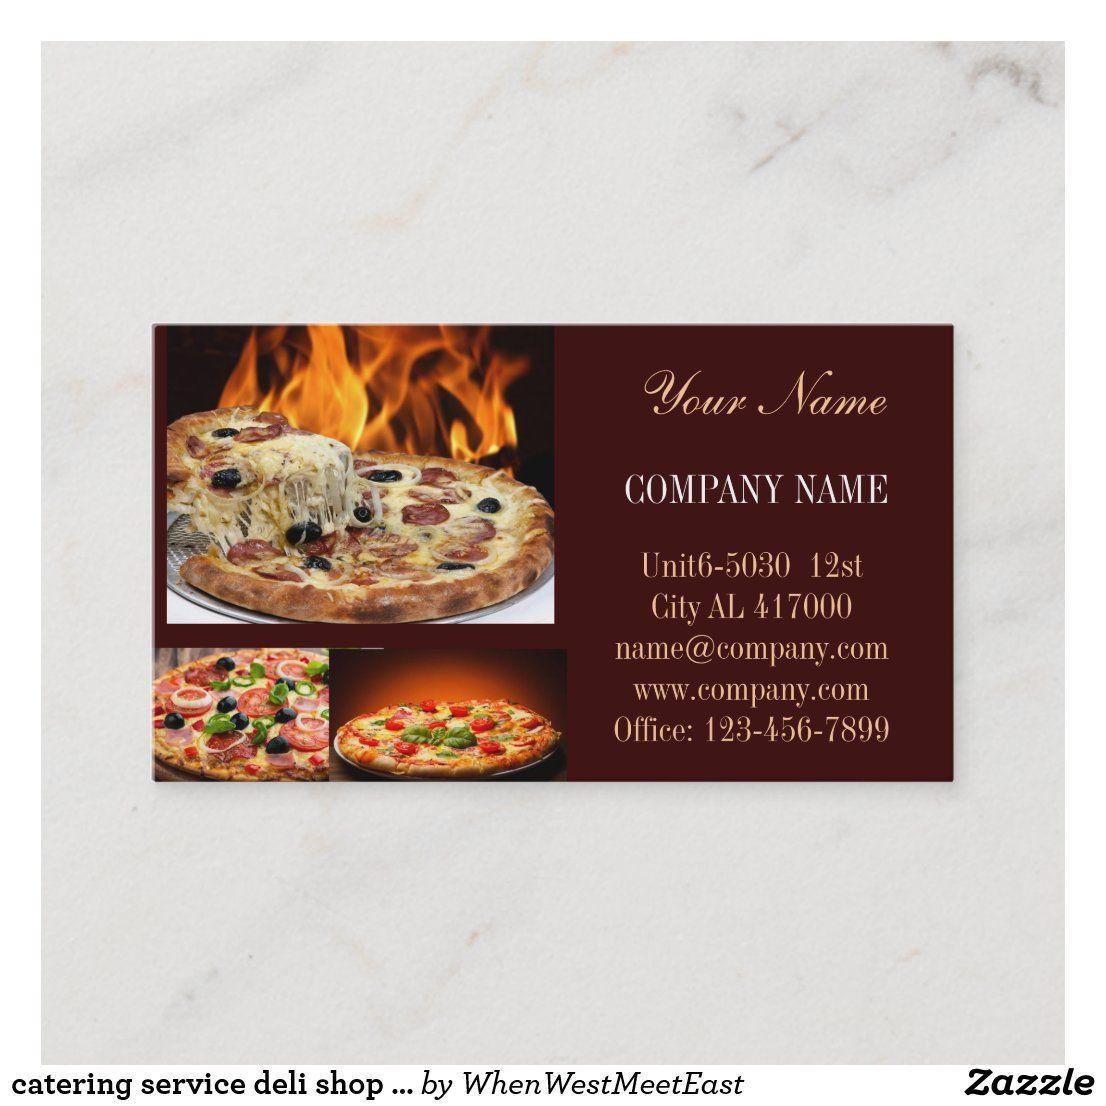 catering service deli shop Italian Food pizza Business Card | Zazzle.com